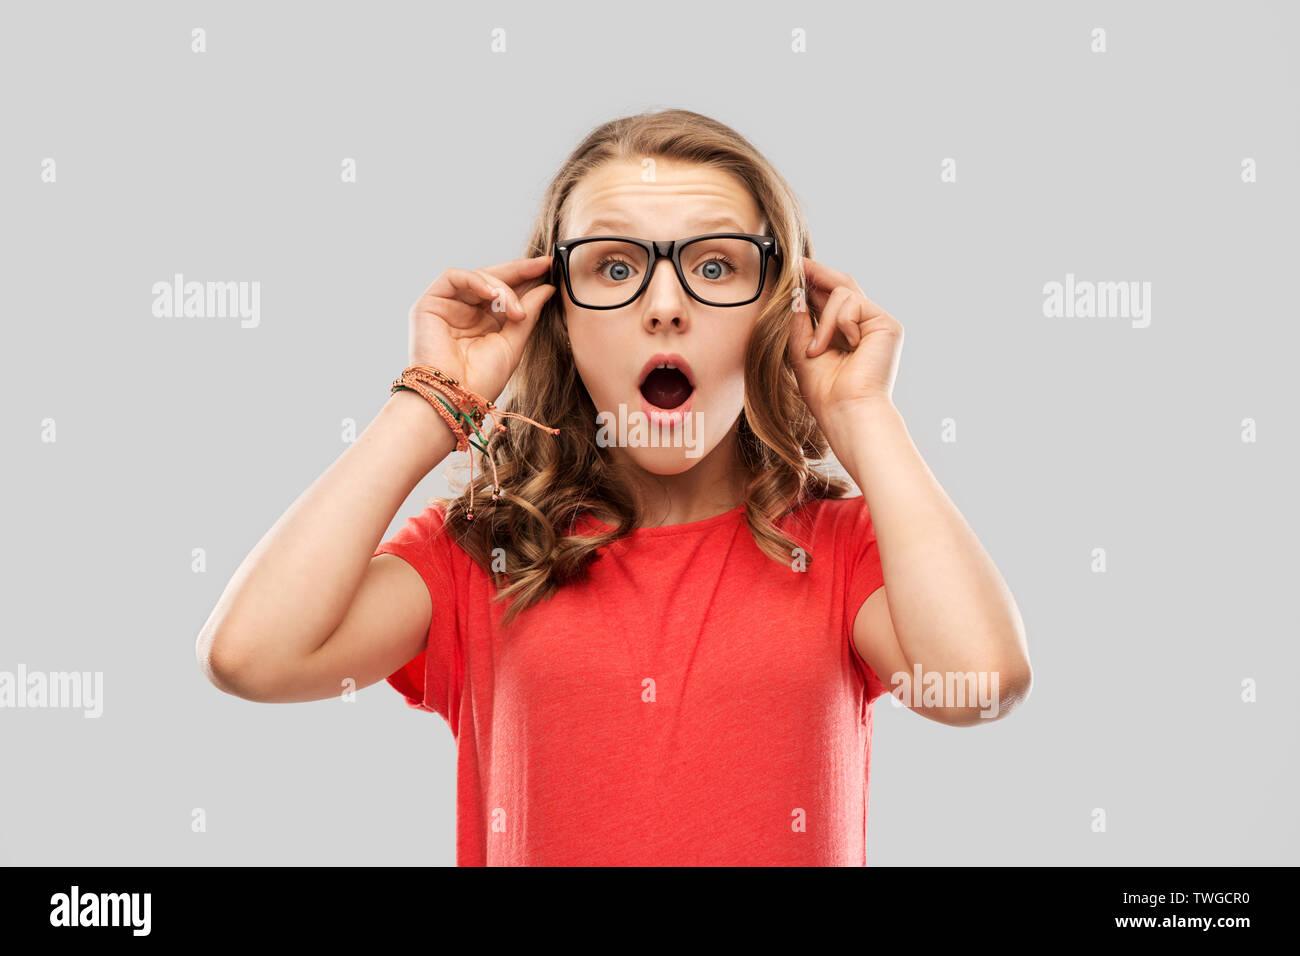 Überrascht oder Jugendmädchen in Gläsern schockiert Stockbild